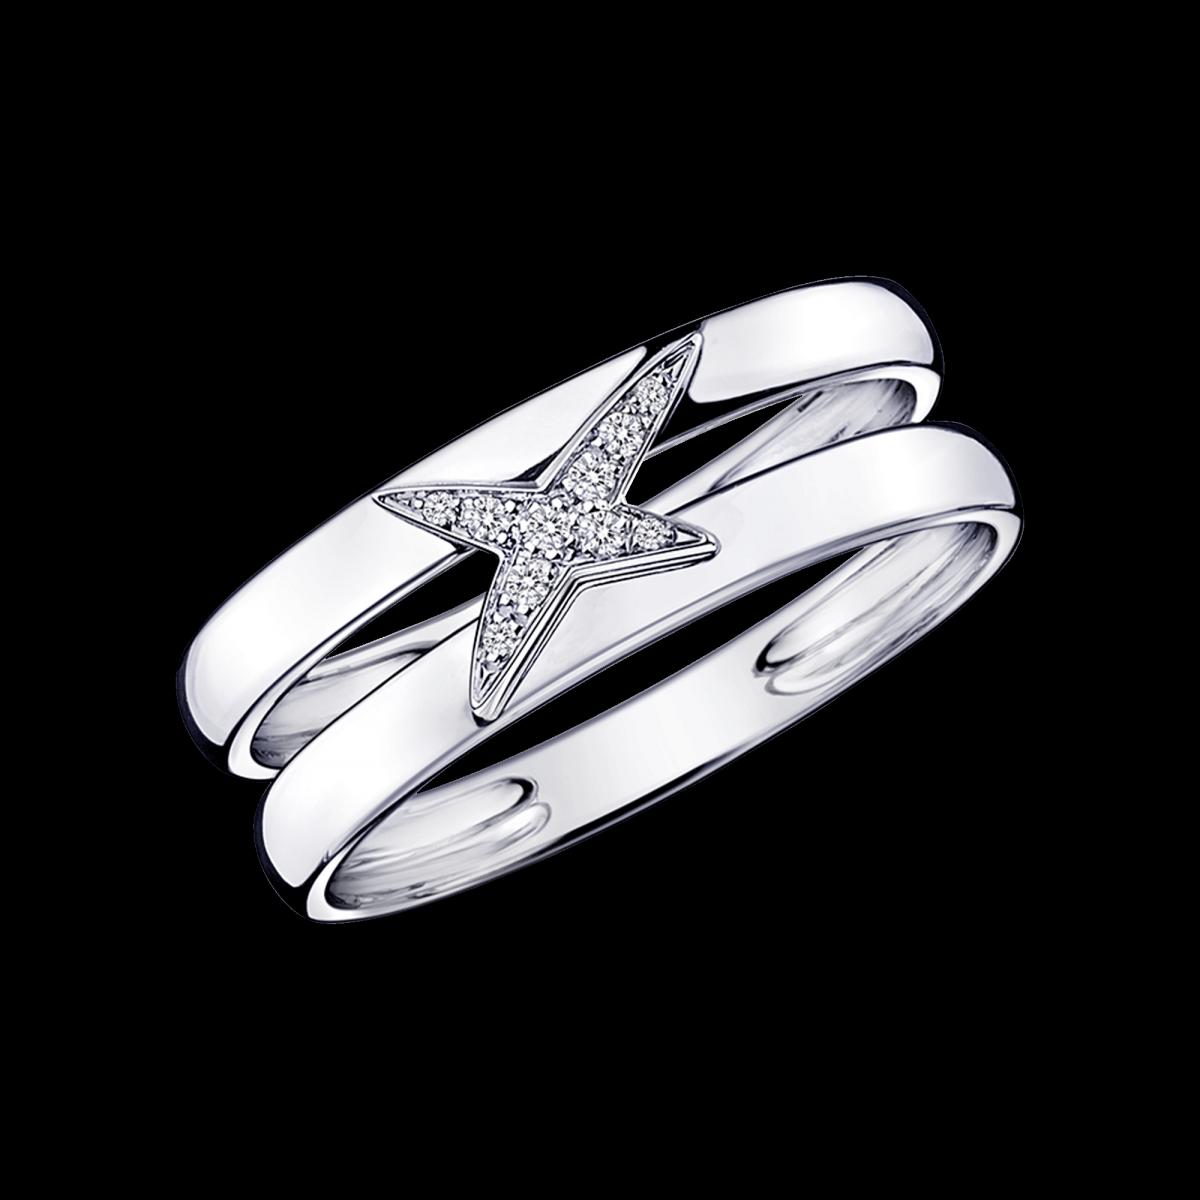 bague-mauboussin-etoilement-divine-or-blanc-et-diamants-n20